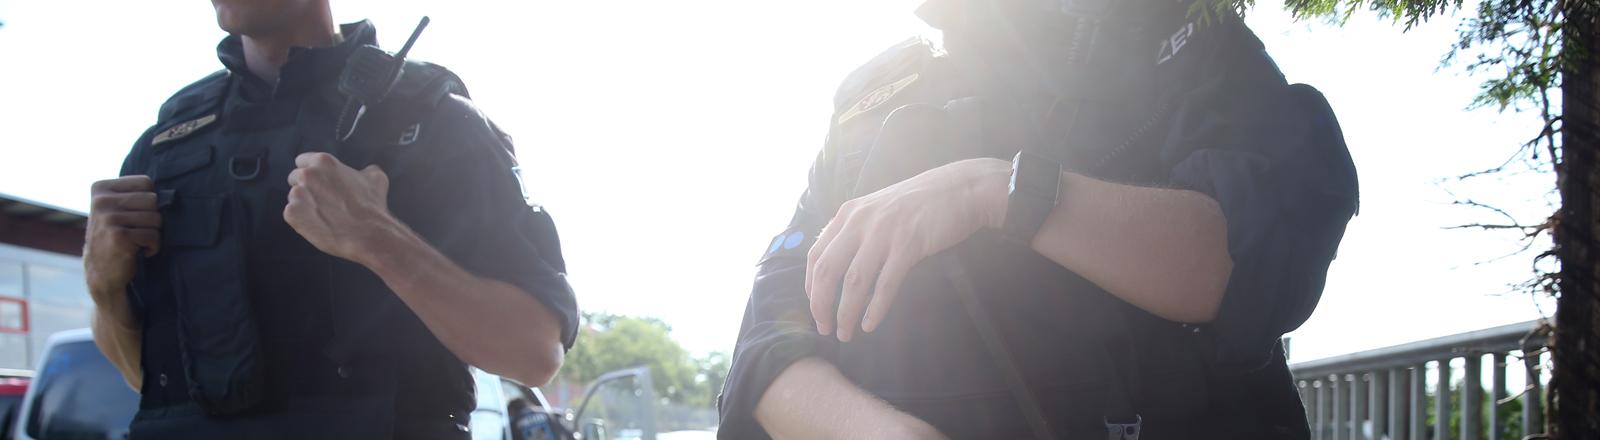 Polizisten stehen am 27.07.2016 in Zirndorf (Bayern) nahe der Erstaufnahmeeinrichtung für Flüchtlinge. Ein brennender Koffer hat einen Polizeieinsatz nahe der Erstaufnahmeeinrichtung ausgelöst. Ein Sprecher des Innenministeriums sagte, bei dem Vorfall am 27.07.2016 sei niemand verletzt worden